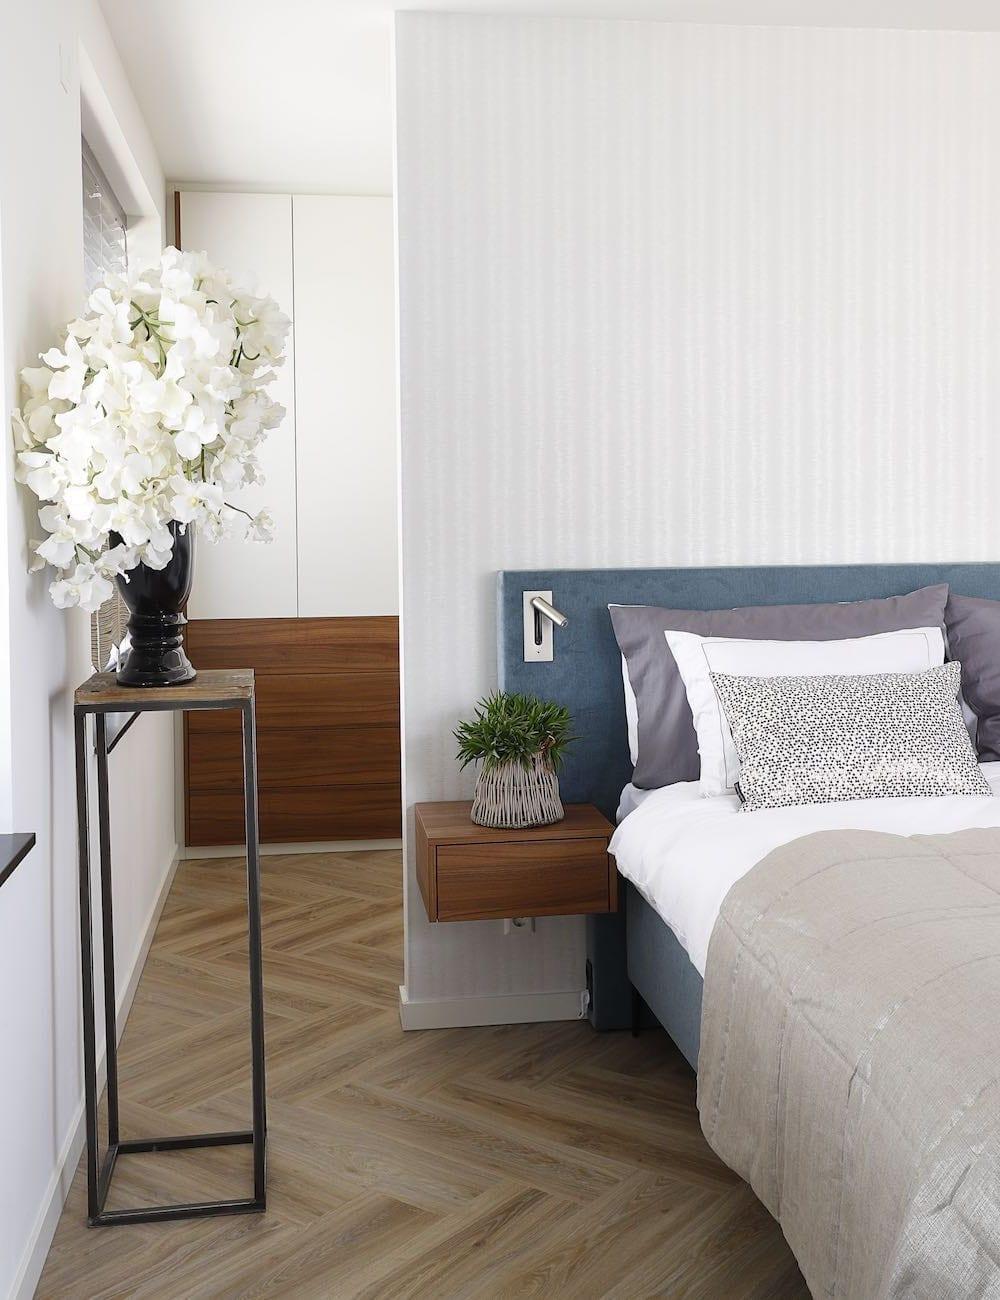 slaapkamer met draaideuren